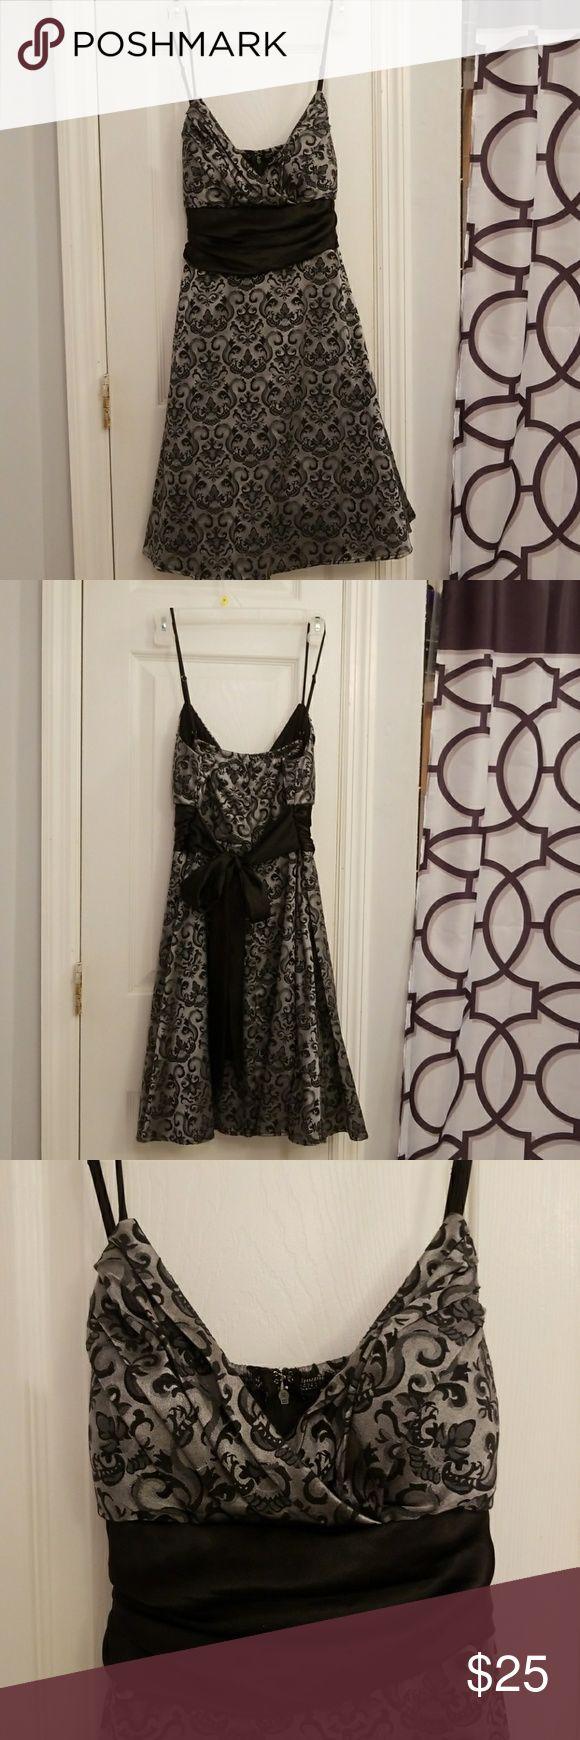 Black and silver dress Black and silver dress. Small amount of tule. worn once Speechless Dresses Midi